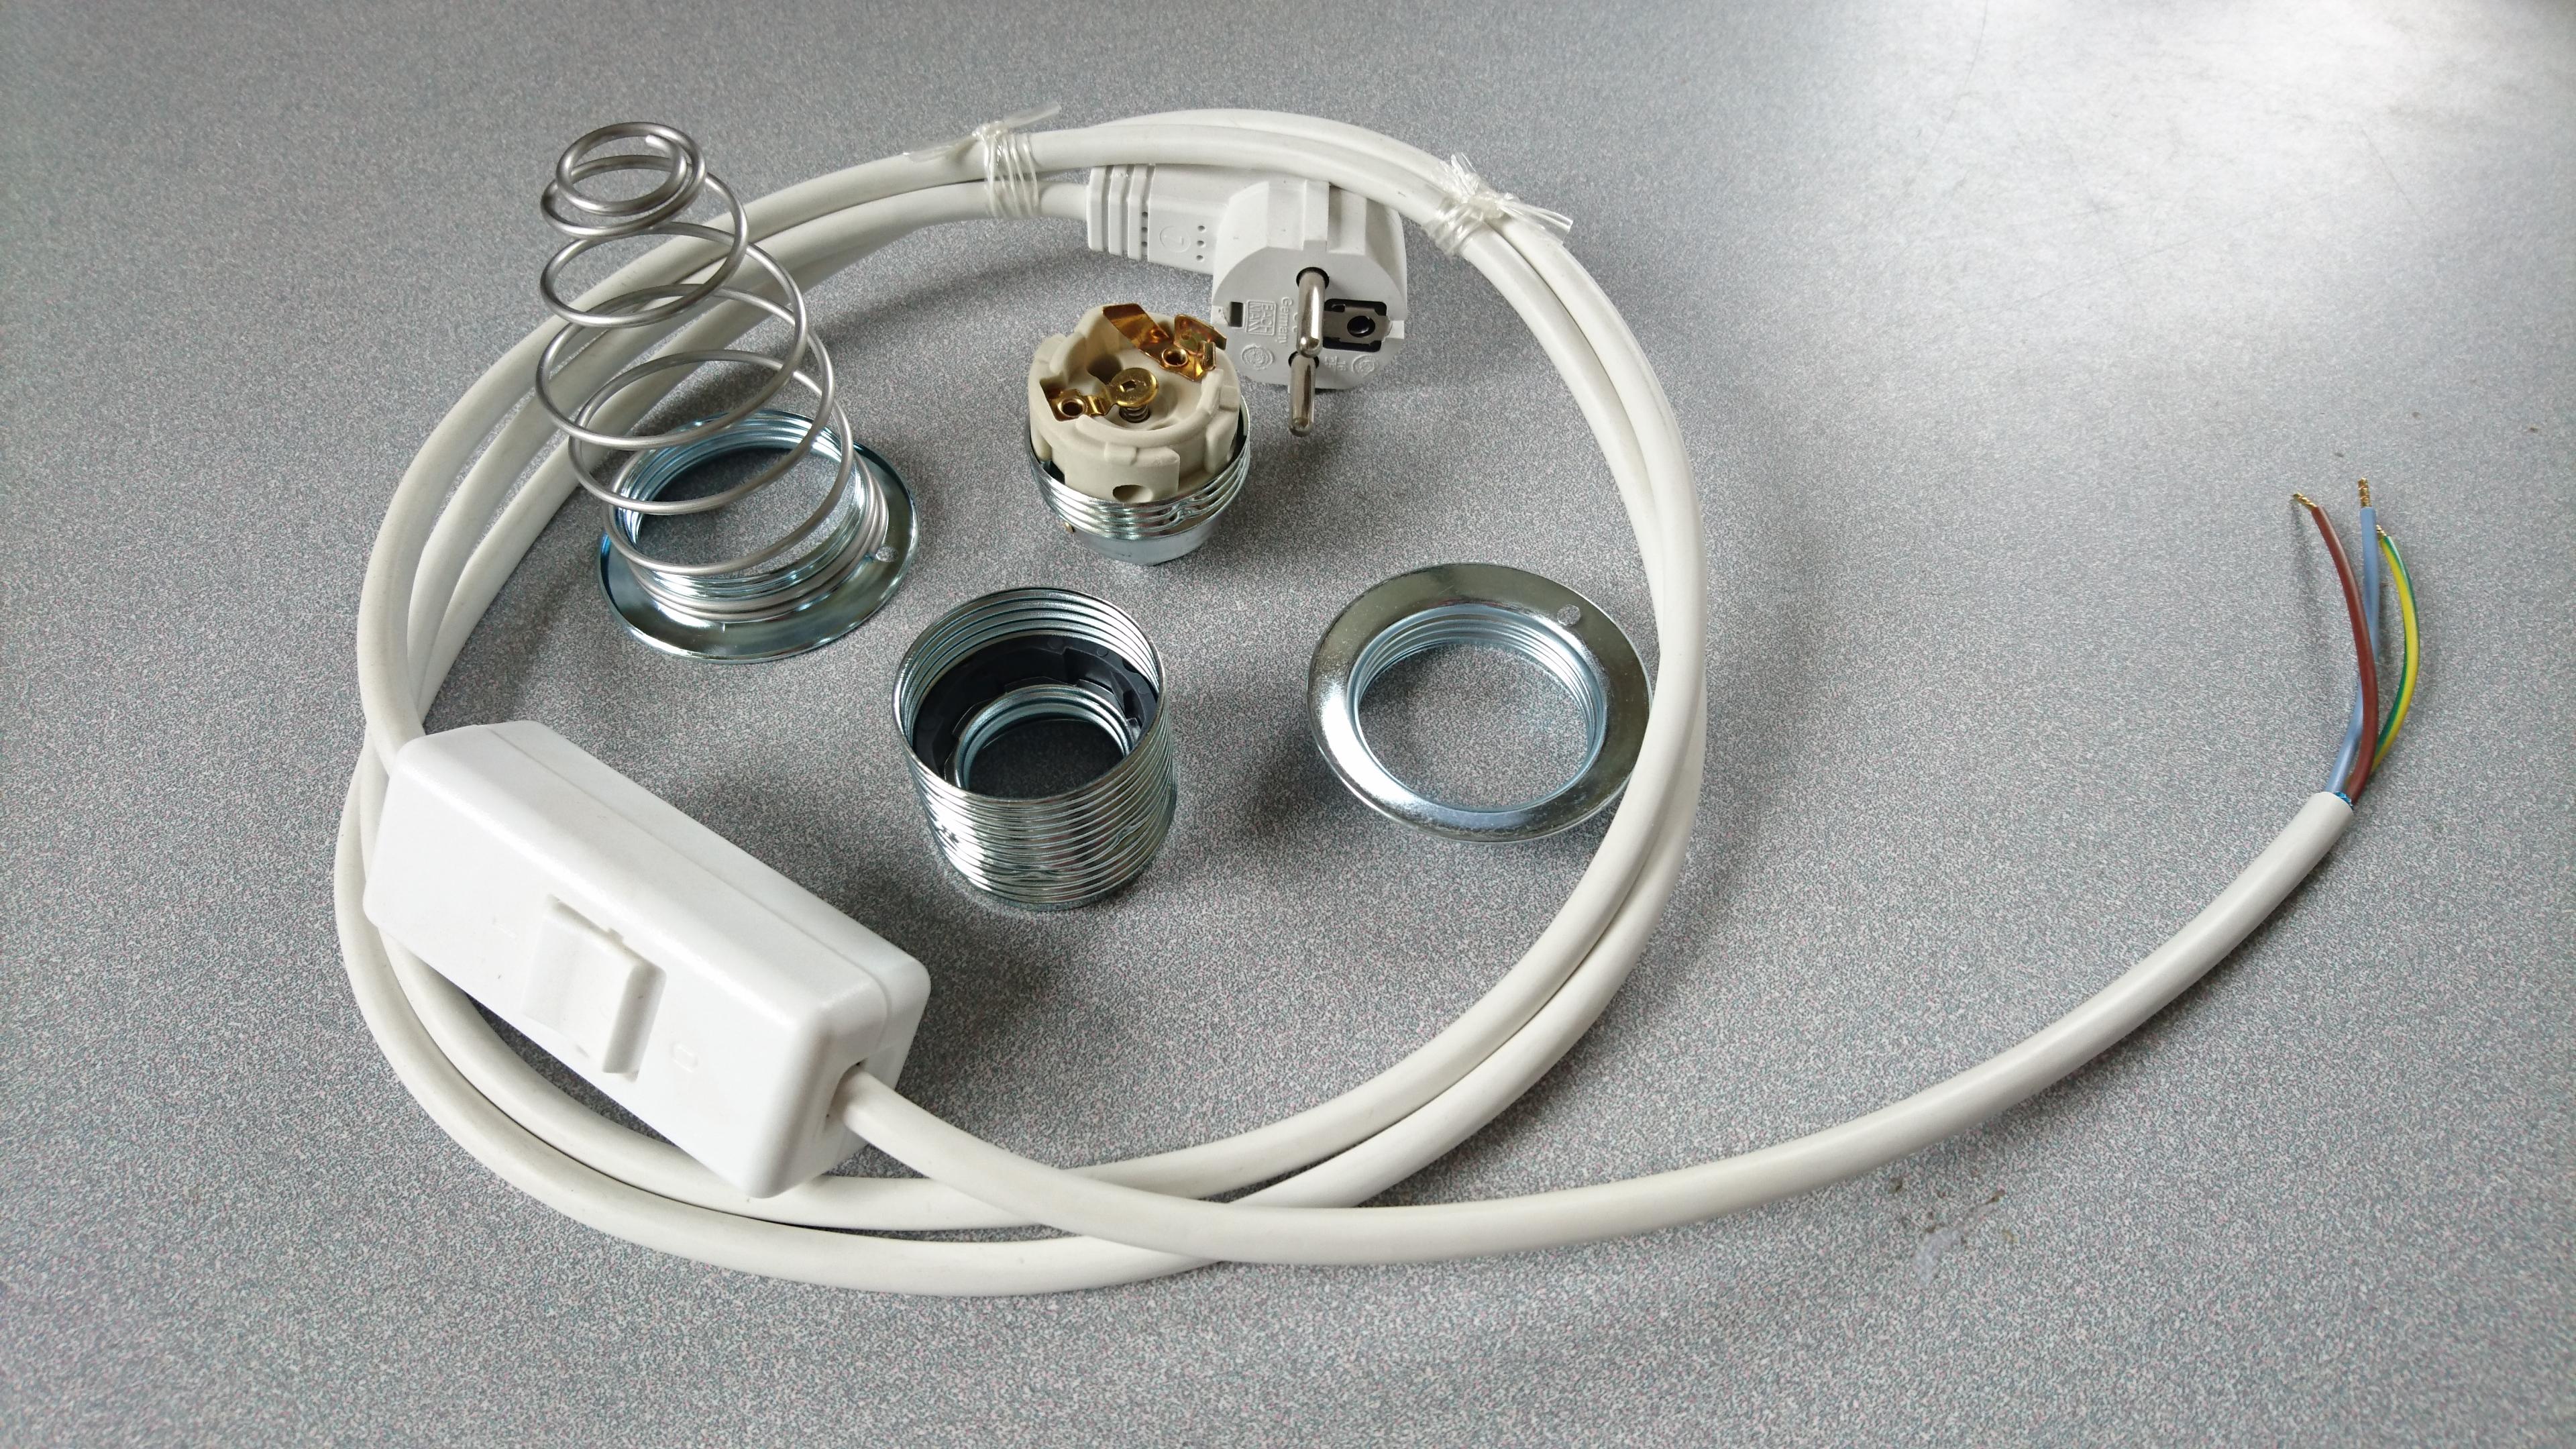 kit complet c ble de remplacement lampe avec interrupteur. Black Bedroom Furniture Sets. Home Design Ideas